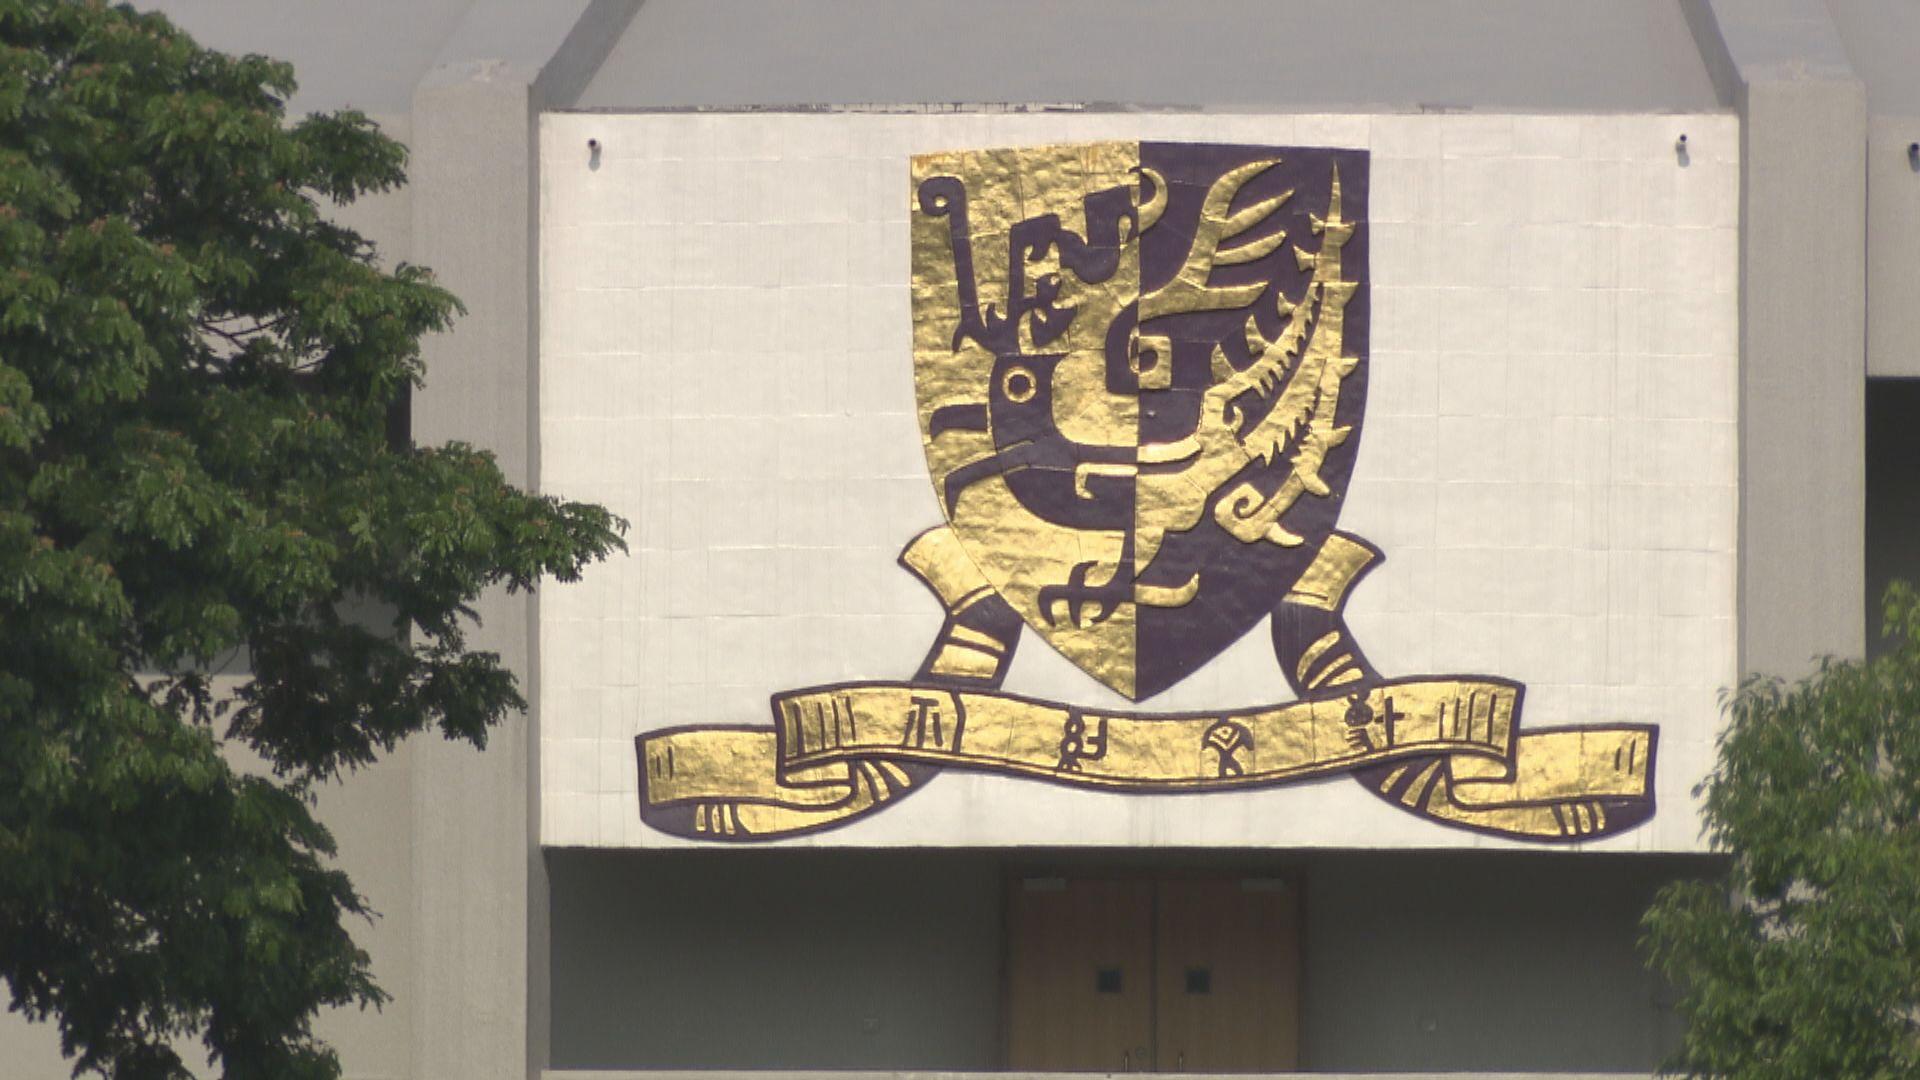 中大否認對「朔夜」施壓 重申不容大學成員有違法行為